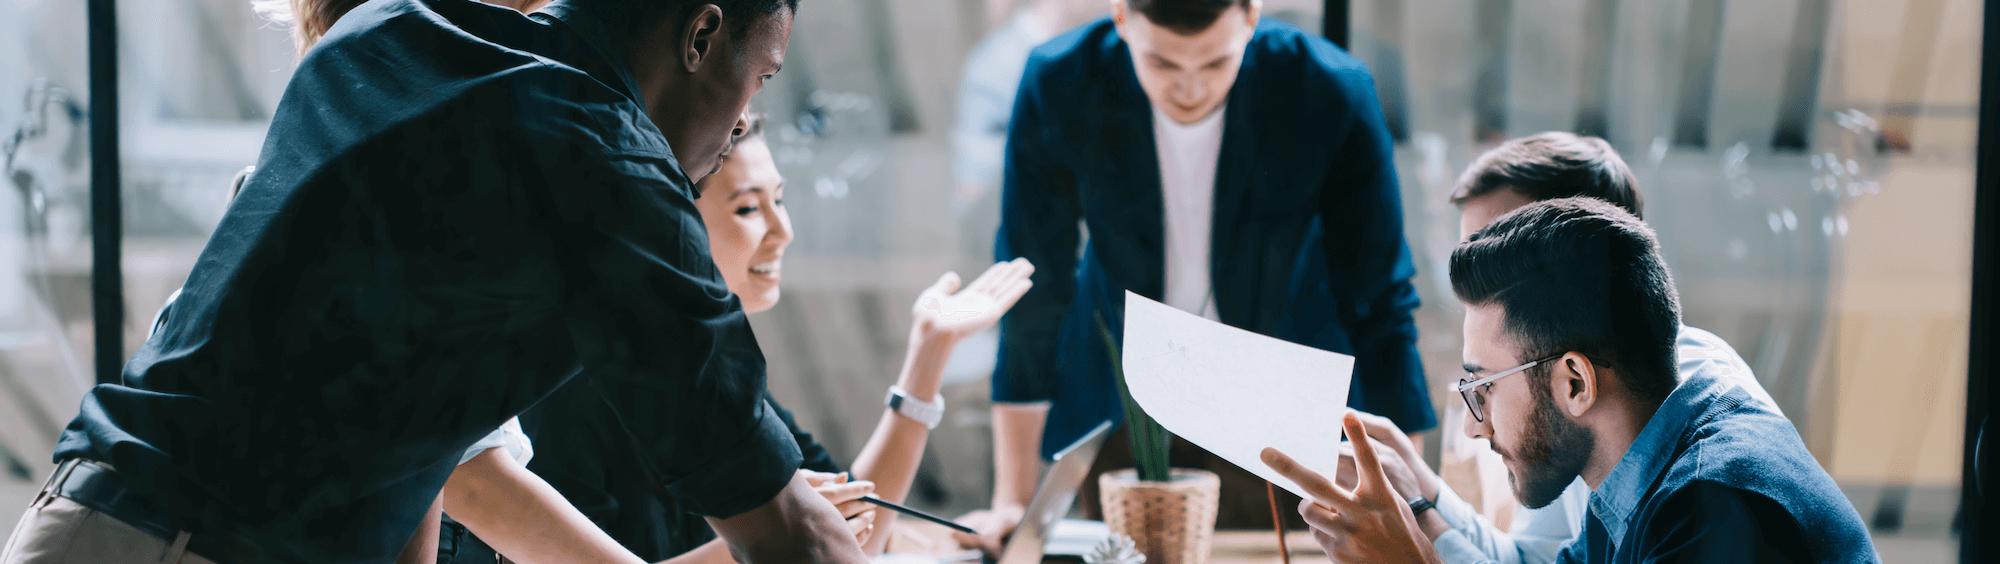 Intrapreneurs Office Hours: Meet Our Expert Corporate Venture Builders